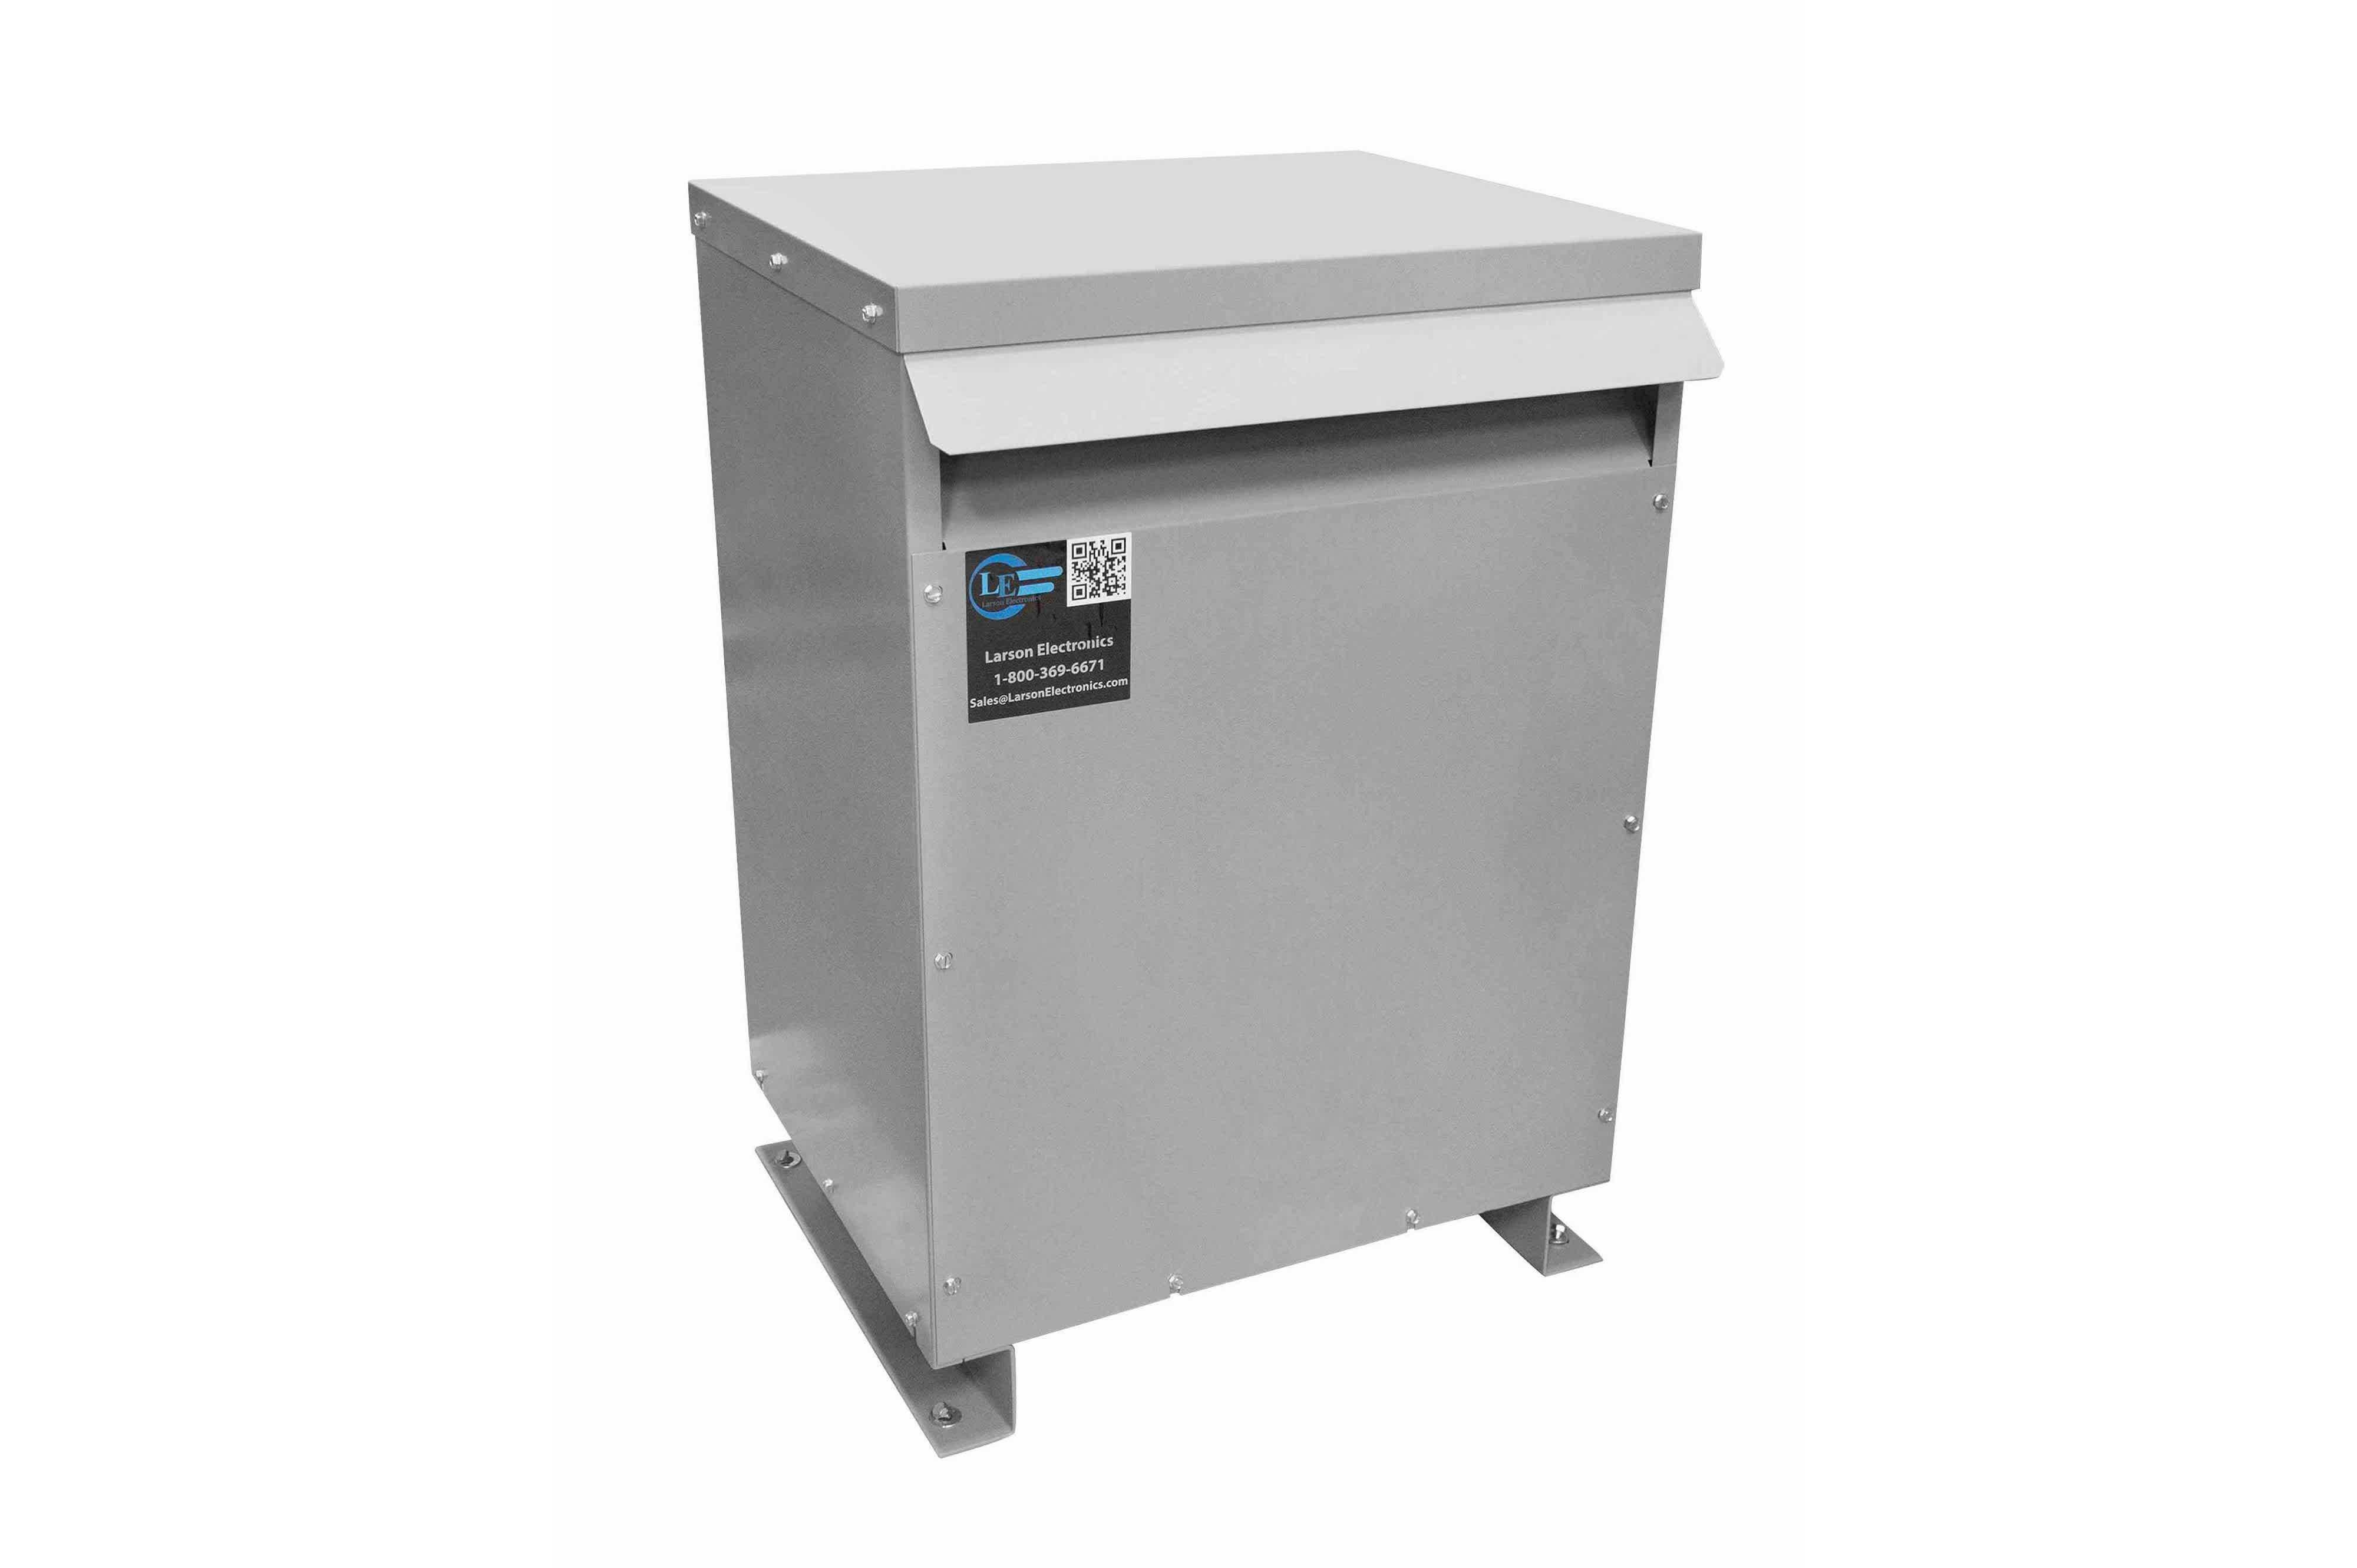 1000 kVA 3PH Isolation Transformer, 460V Delta Primary, 600V Delta Secondary, N3R, Ventilated, 60 Hz